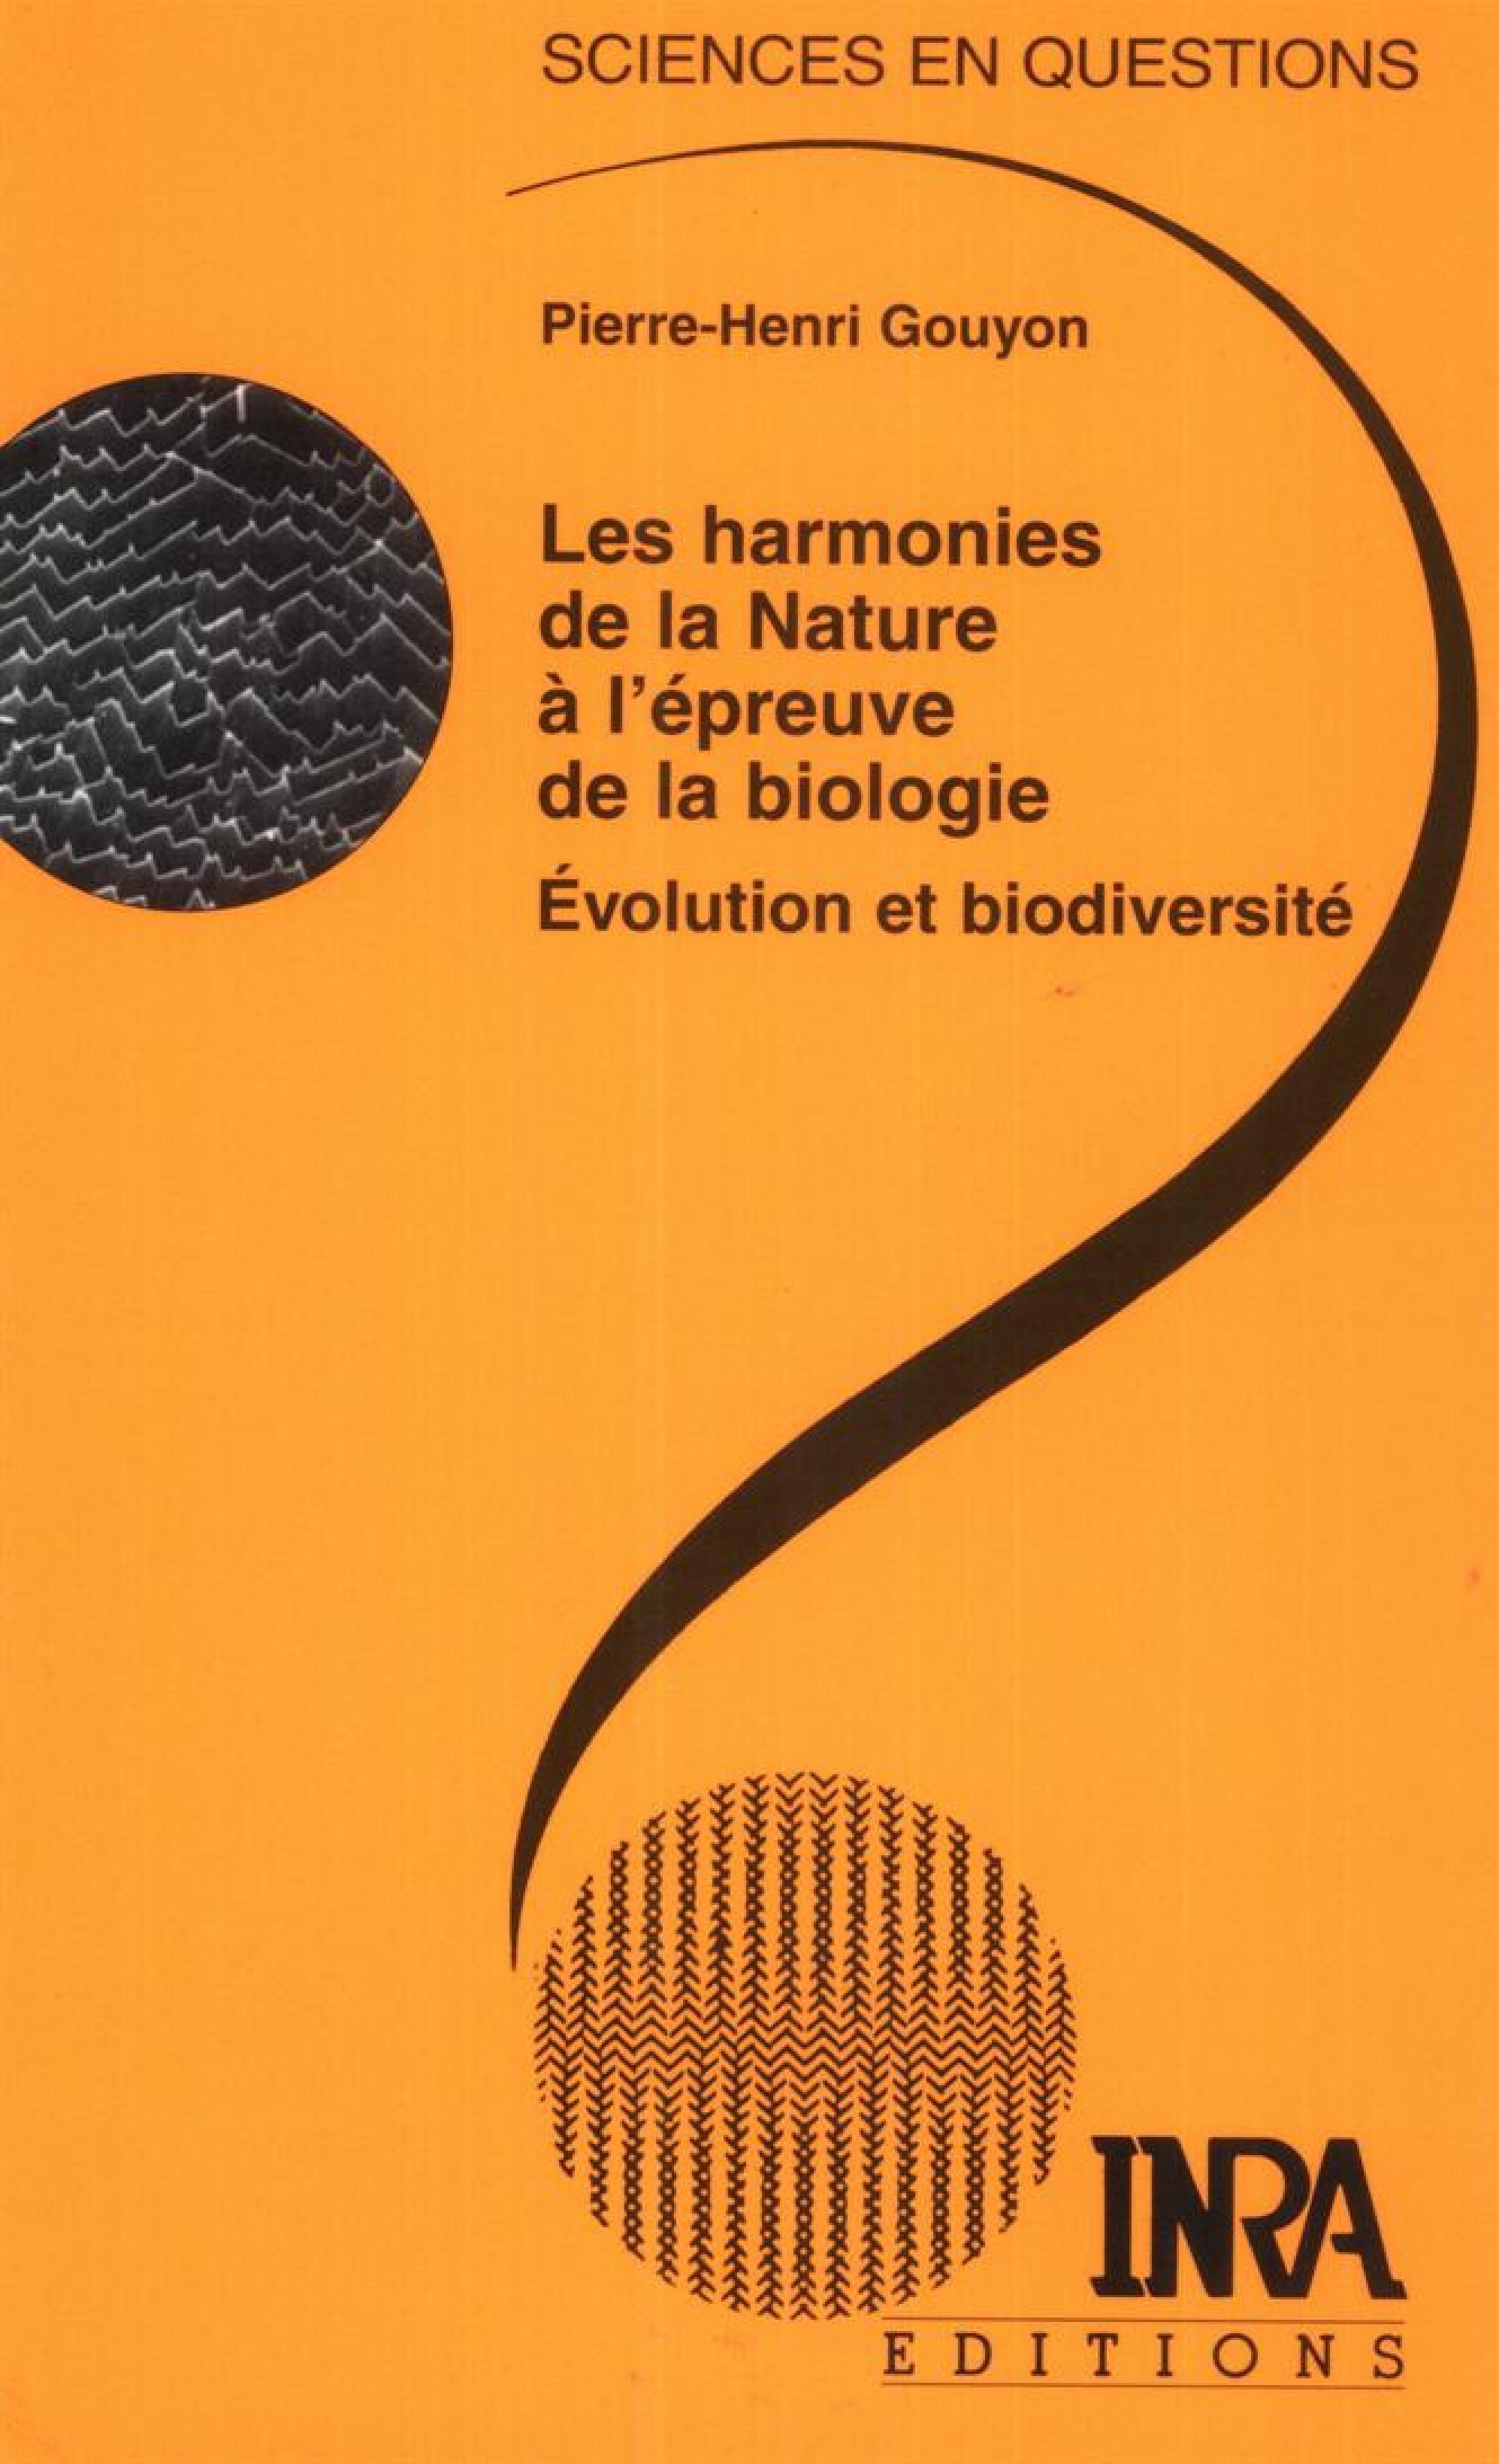 Les harmonies de la nature a l'épreuve de la biologie ; évolution et biodiversité